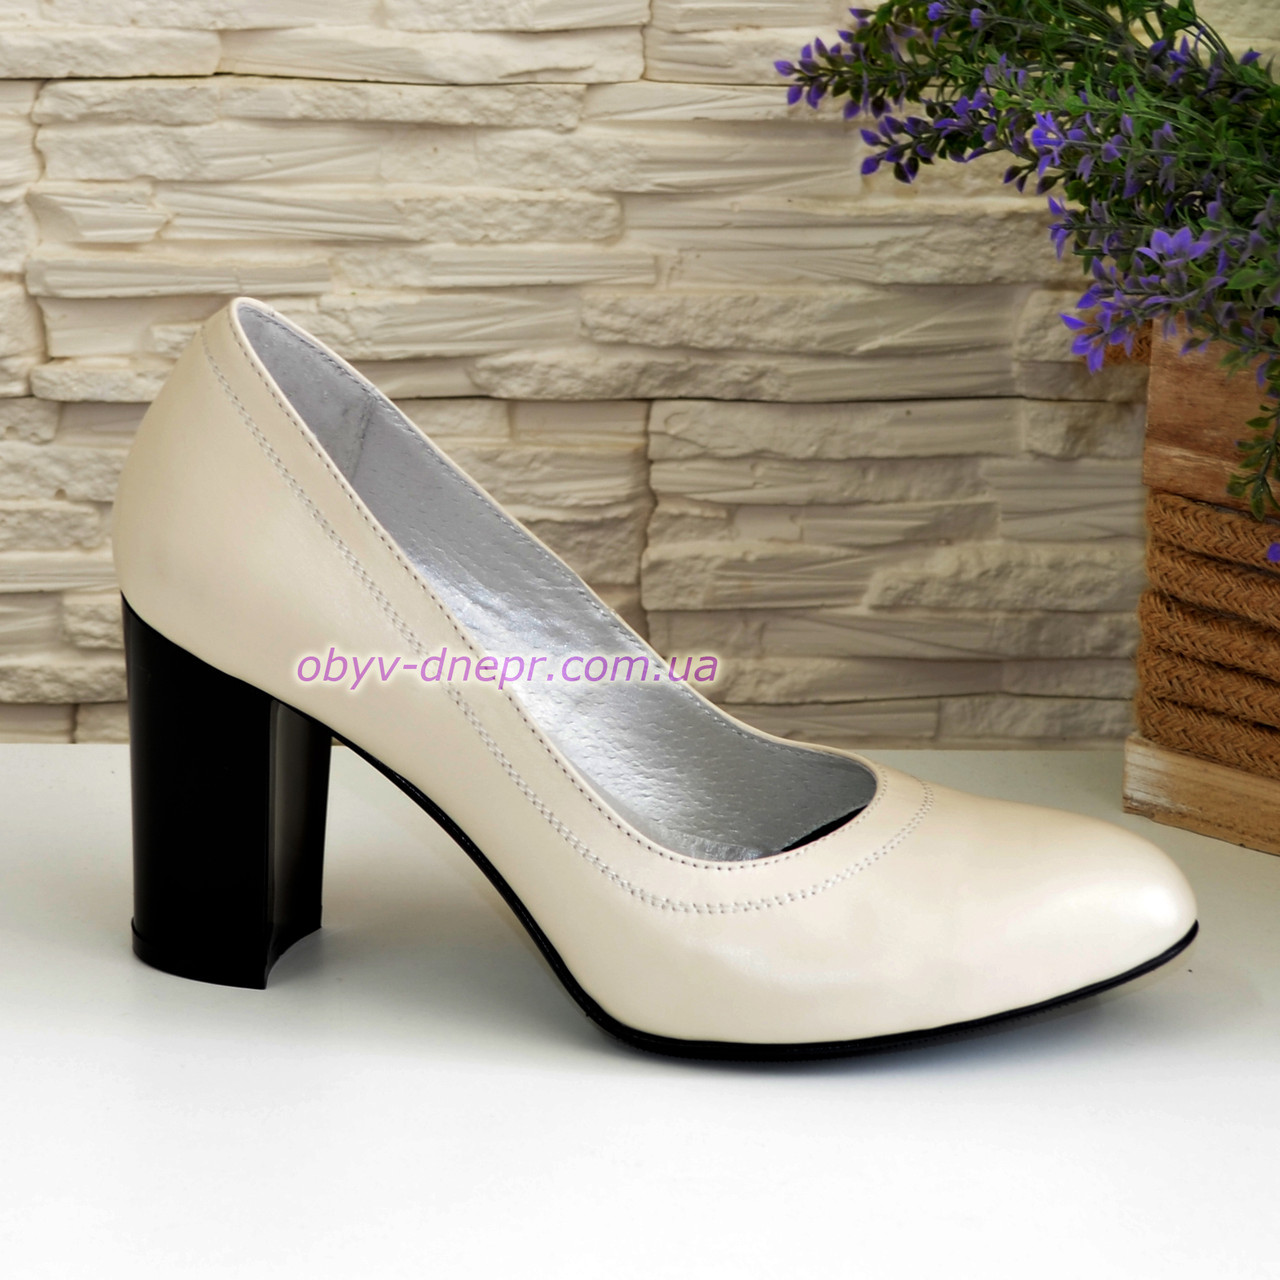 Туфли кожаные женские на устойчивом высоком каблуке, цвет бежевый